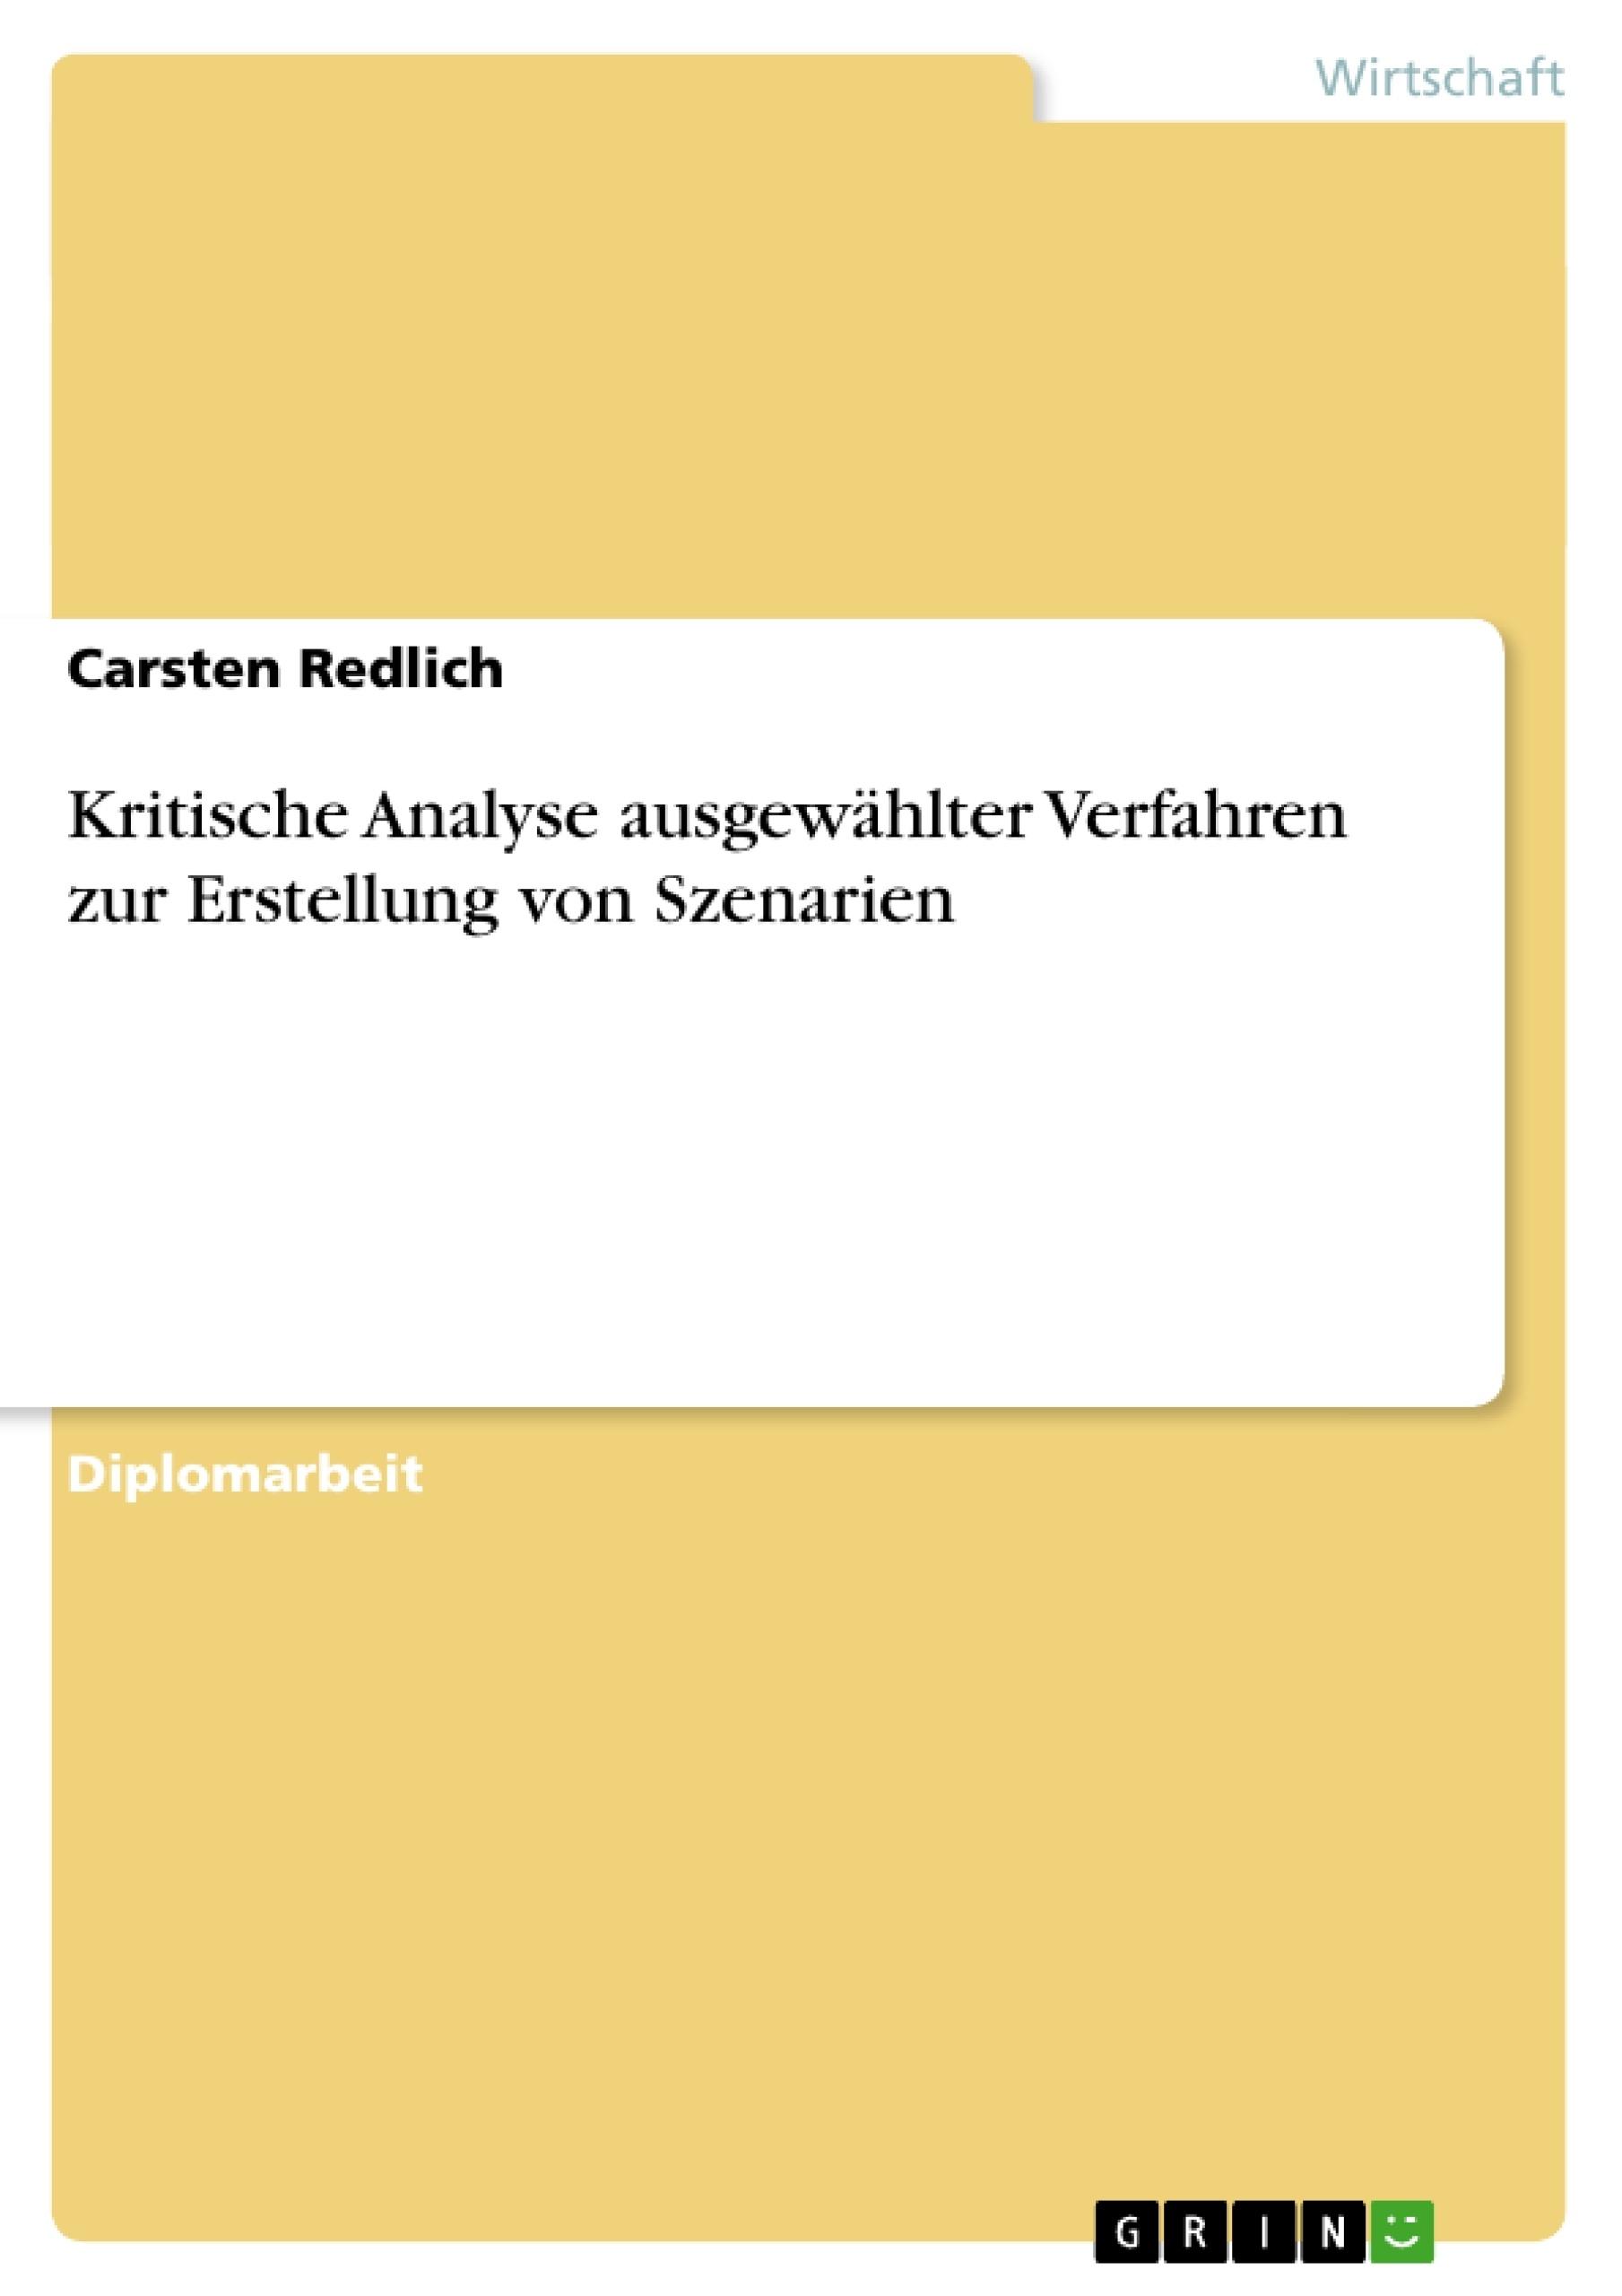 Titel: Kritische Analyse ausgewählter Verfahren zur Erstellung von Szenarien